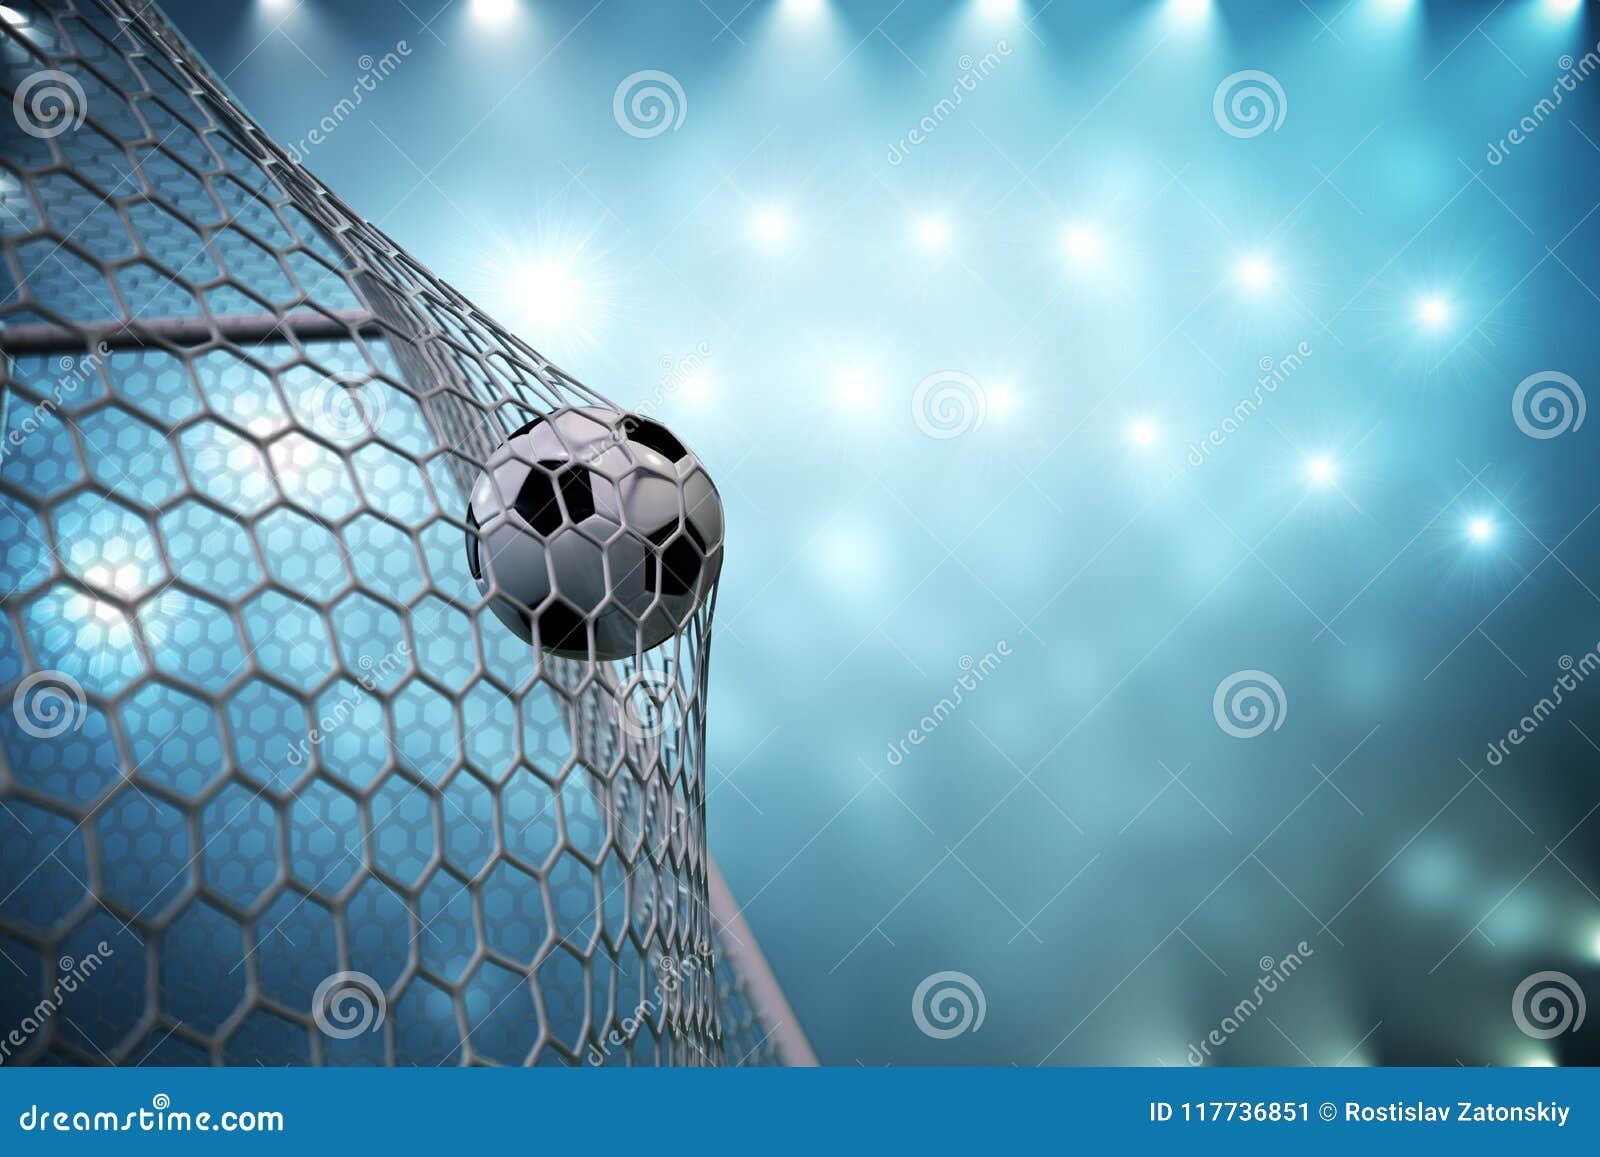 Fotbollboll för tolkning 3d i mål Fotbollboll i netto med ljus bakgrund för strålkastare och för stadion, framgångbegrepp